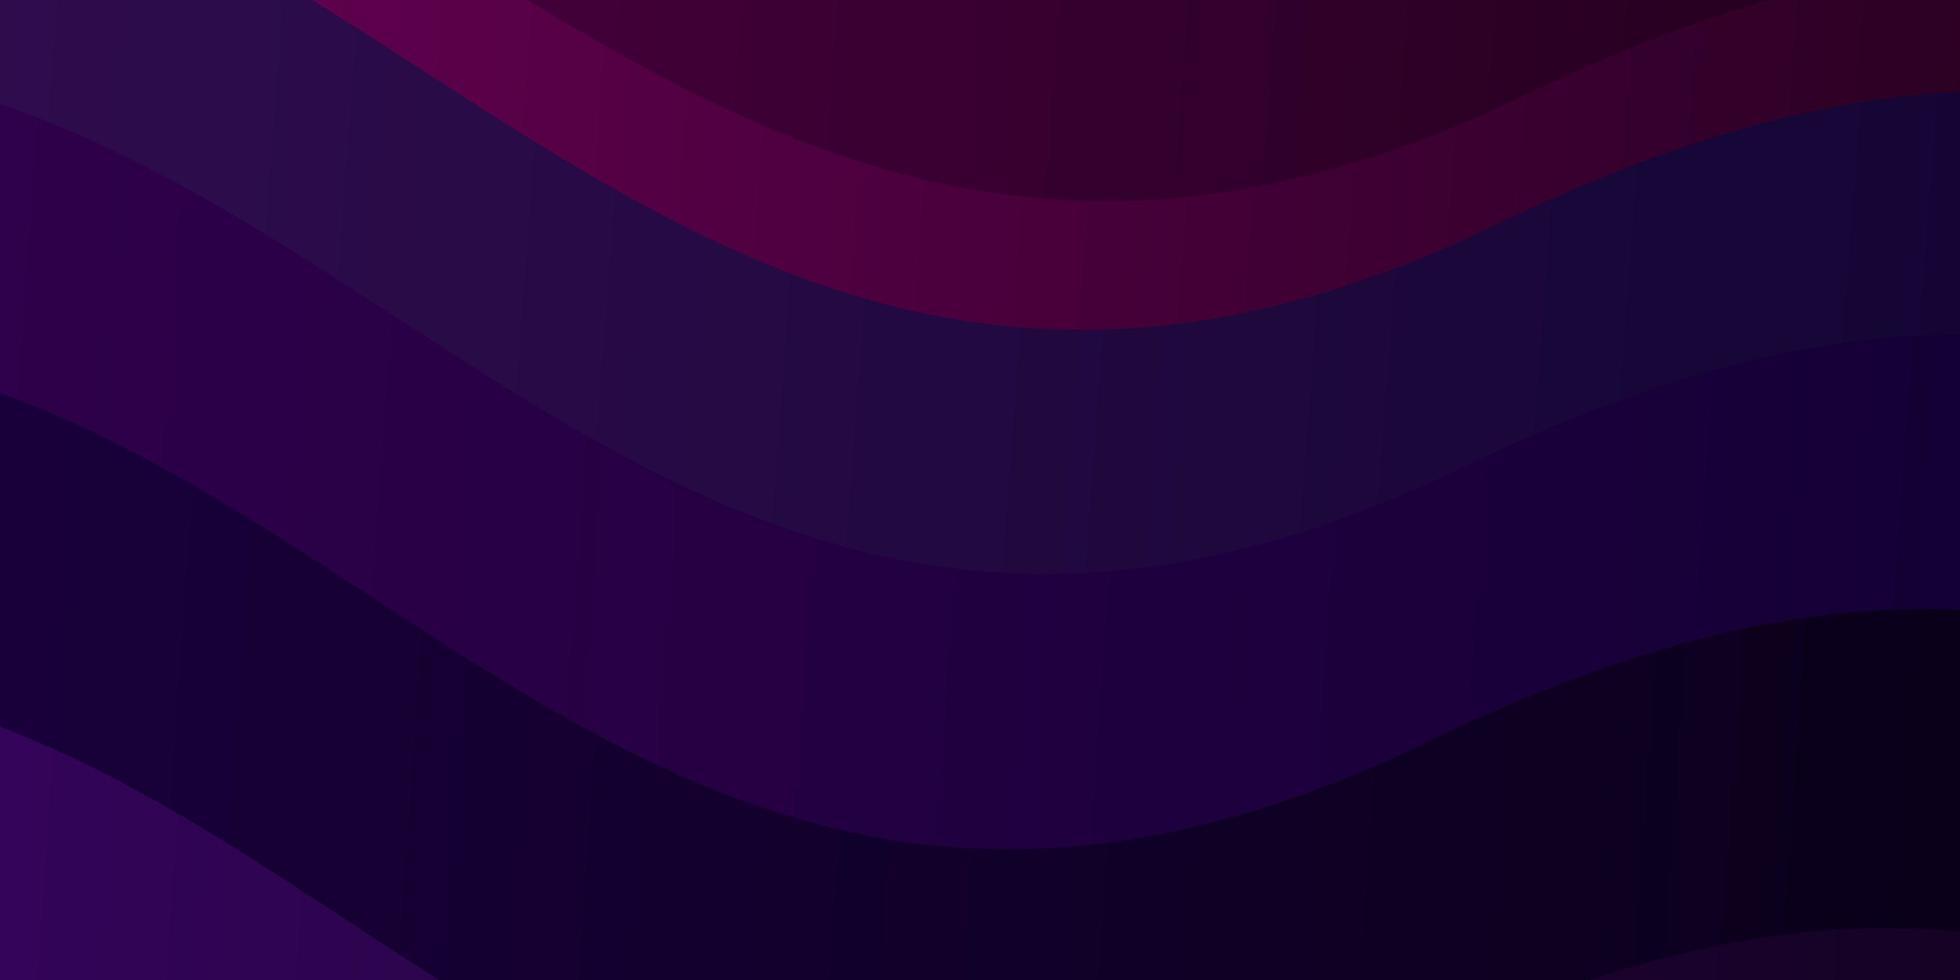 fond violet et rose foncé avec des lignes courbes. vecteur